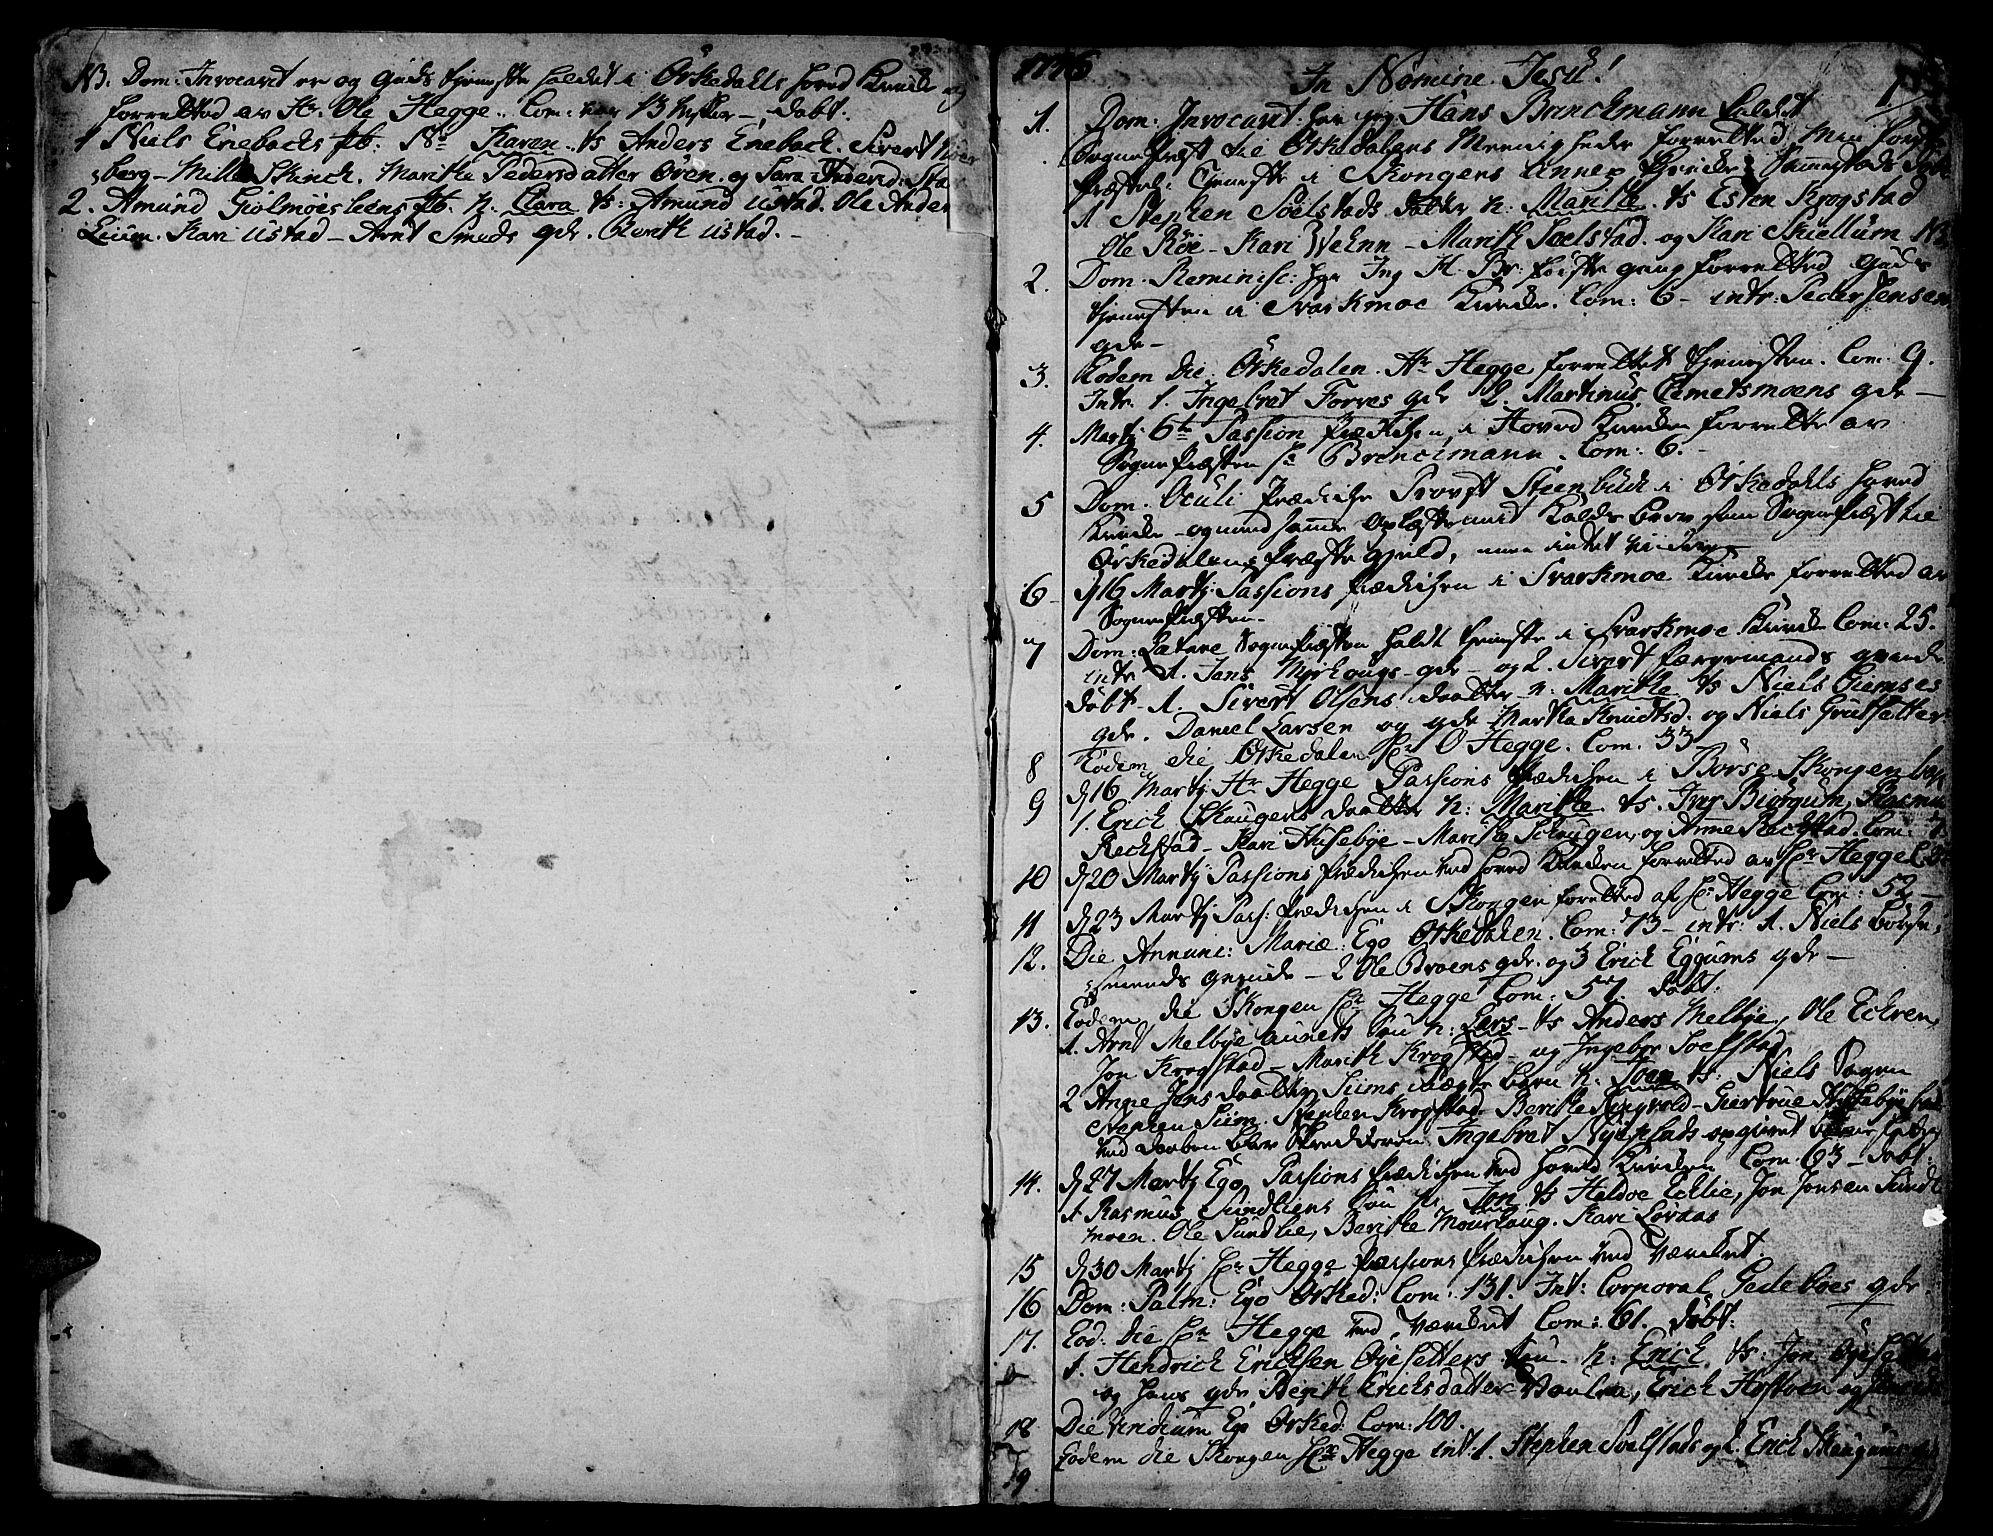 SAT, Ministerialprotokoller, klokkerbøker og fødselsregistre - Sør-Trøndelag, 668/L0802: Ministerialbok nr. 668A02, 1776-1799, s. 0-1